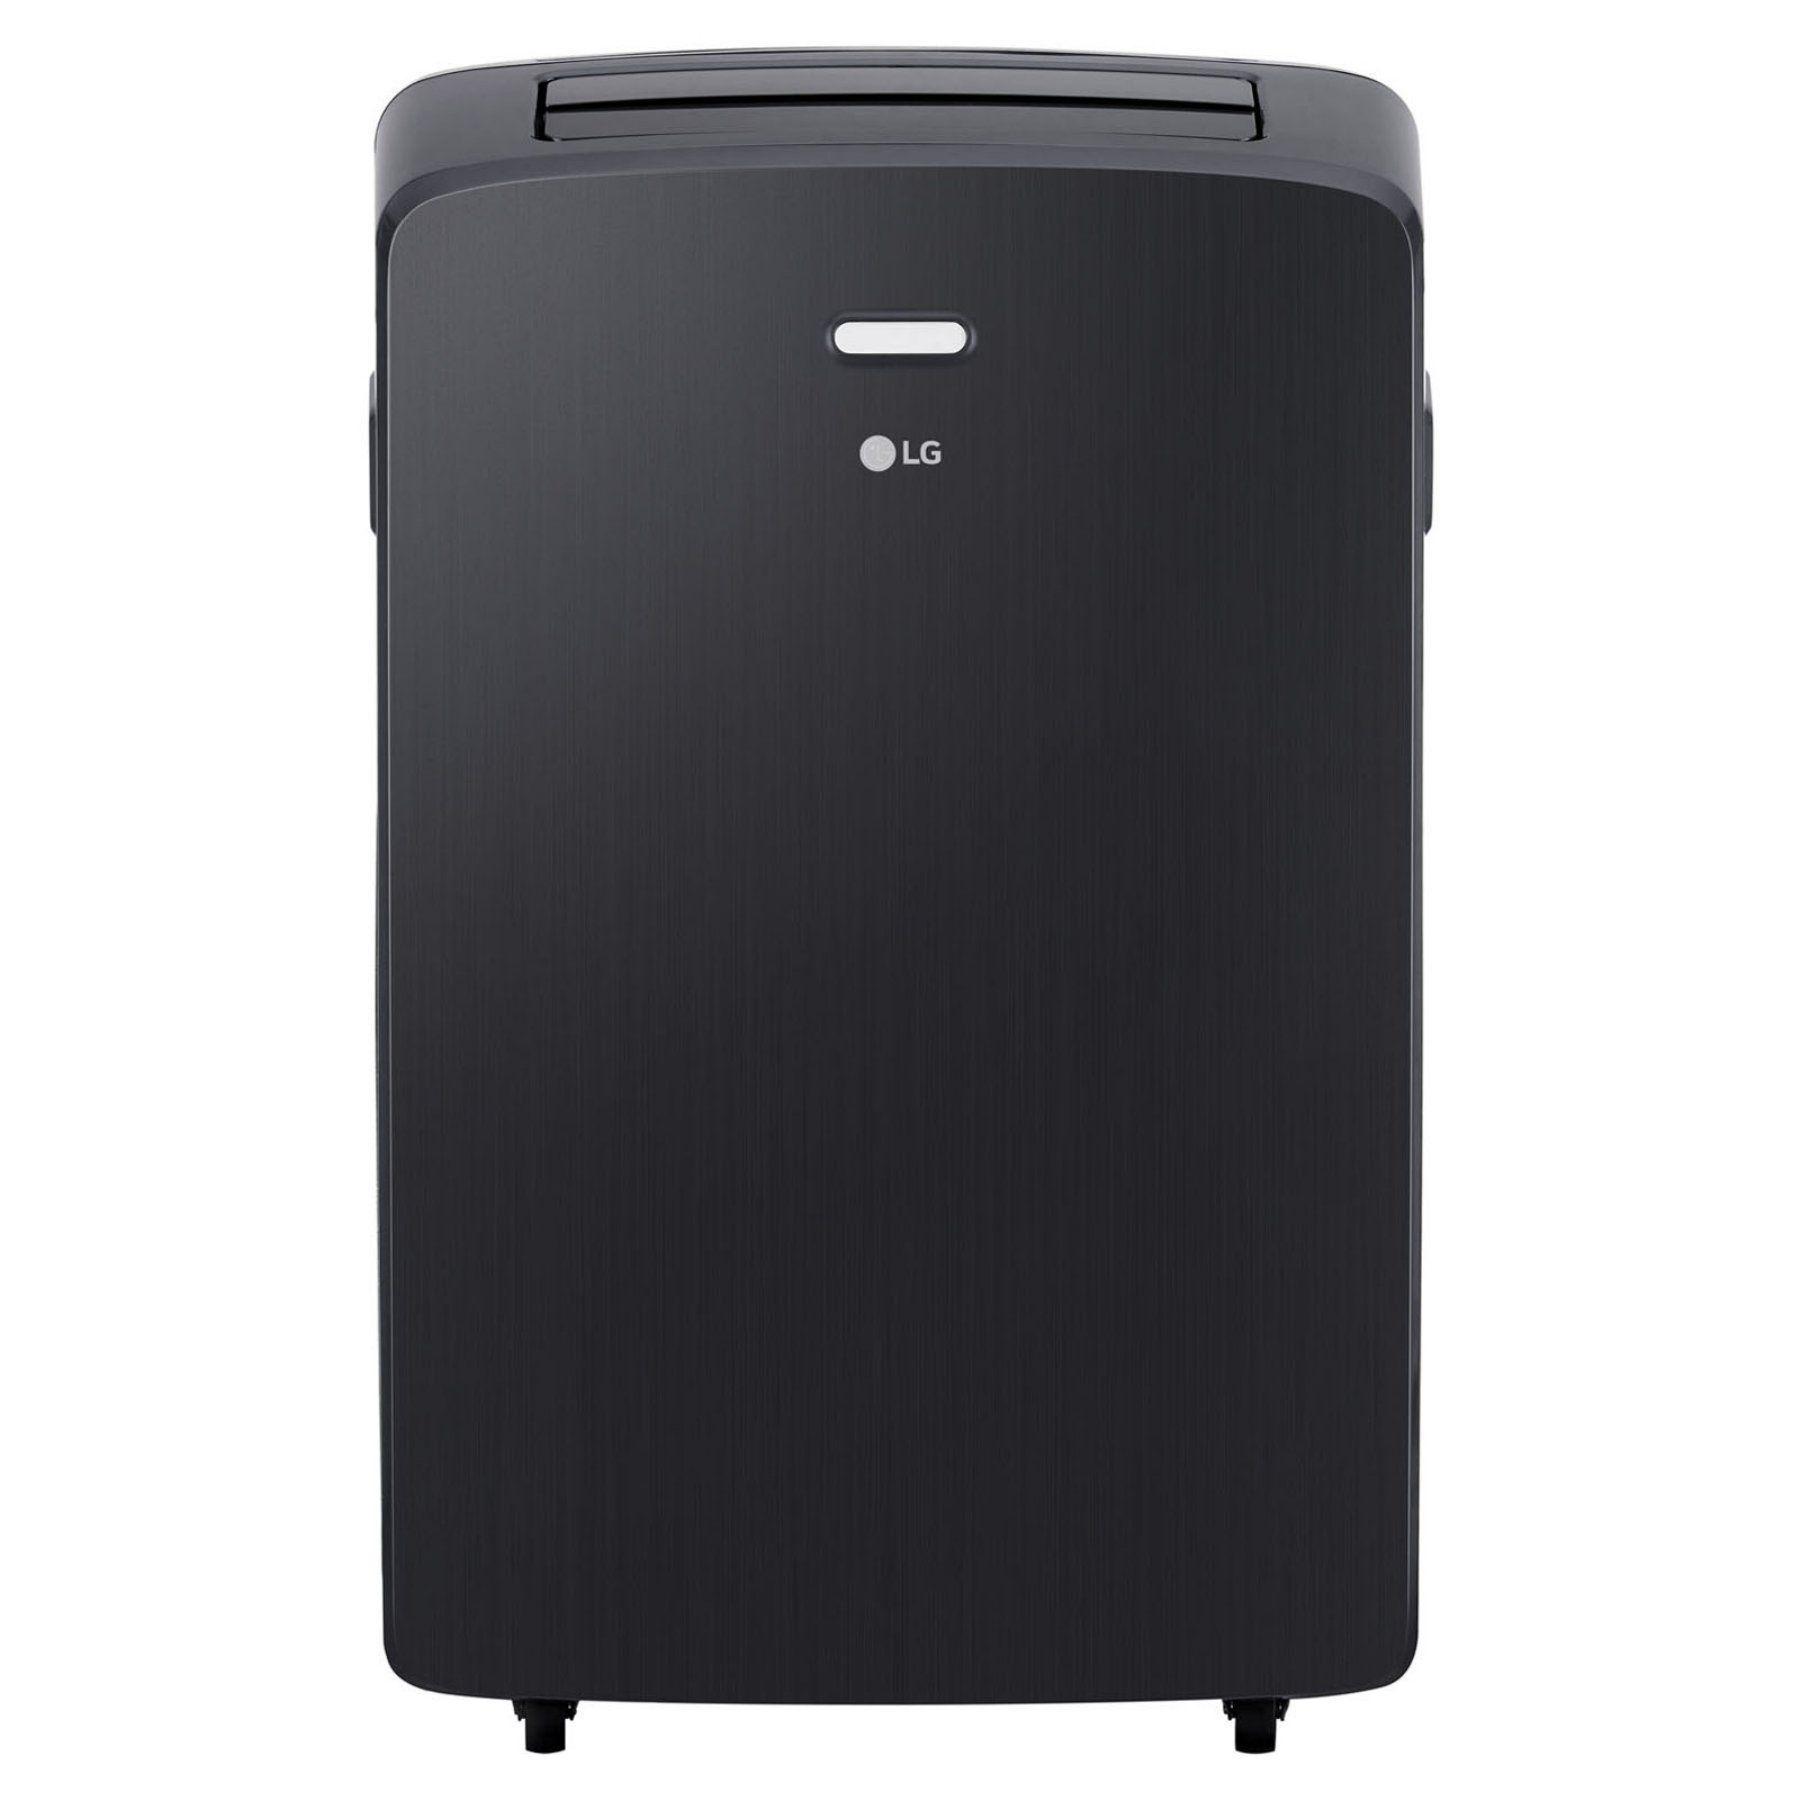 Lg 12000 Btu 115v Portable Air Conditioner With Remote Control Portable Air Conditioner Window Air Conditioner Portable Air Conditioners